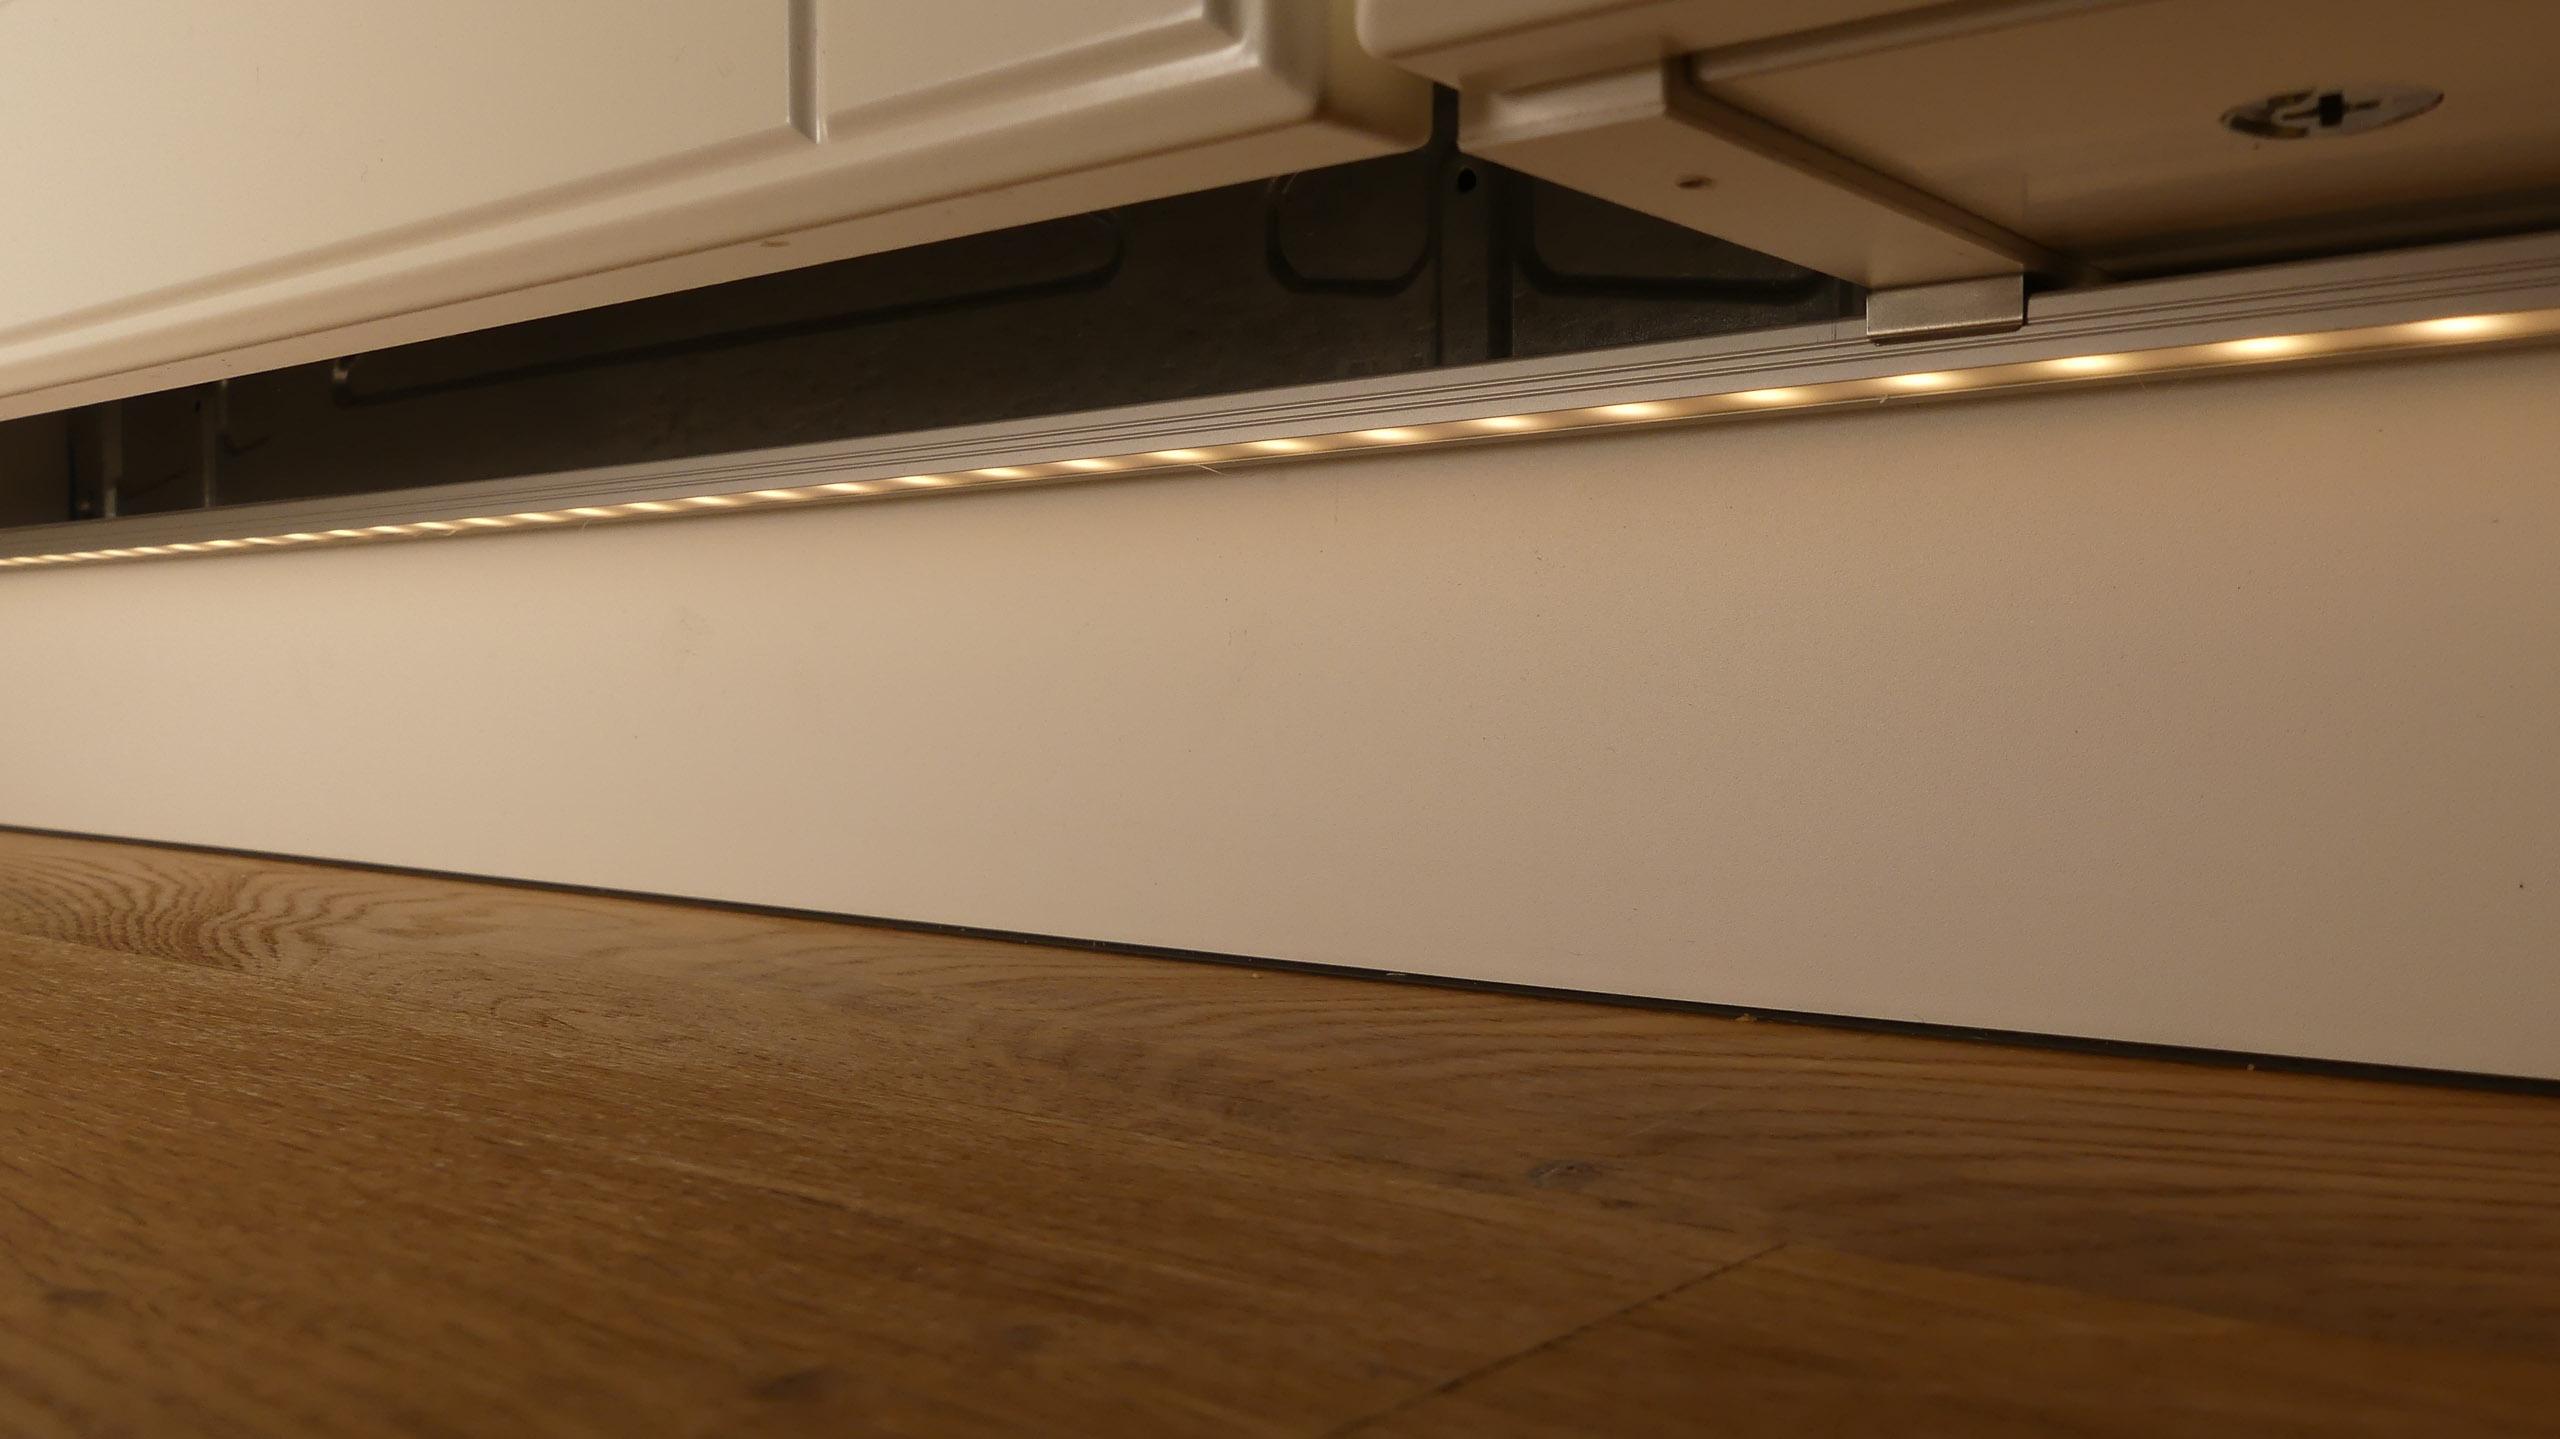 Full Size of Sockel Und Fuleisten Ikea Kitchen Spüle Küche Barhocker Wasserhahn Für Kaufen Laminat In Der Holzofen Oberschrank Wandanschluss Billig Hochglanz Grau Wohnzimmer Sockelleiste Küche